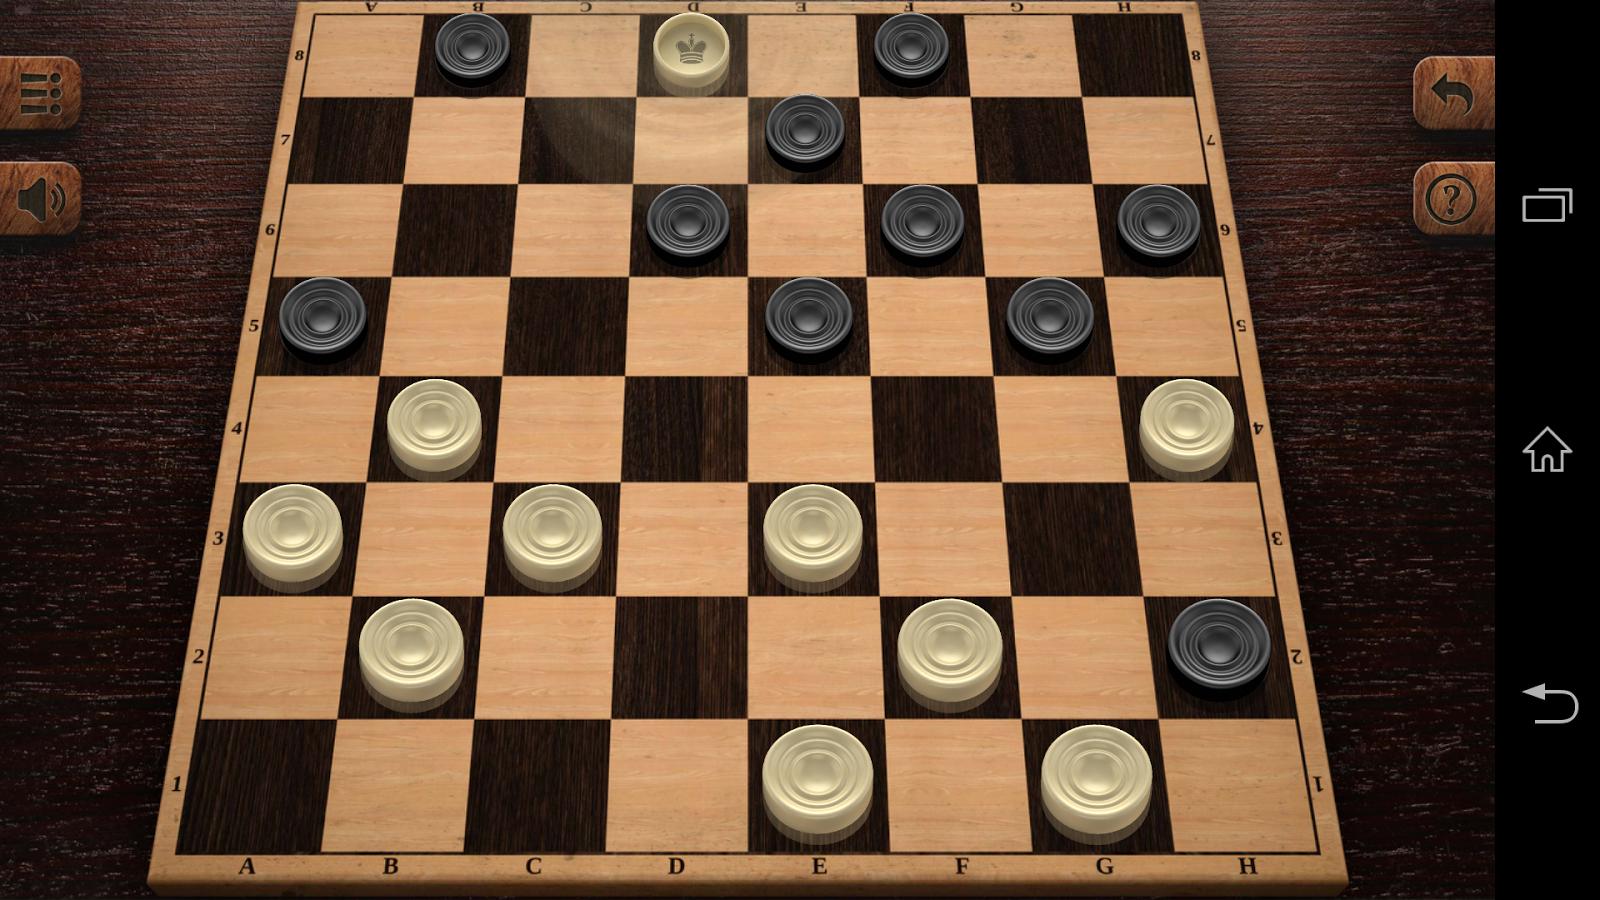 Как скачать шашки на компьютер бесплатно